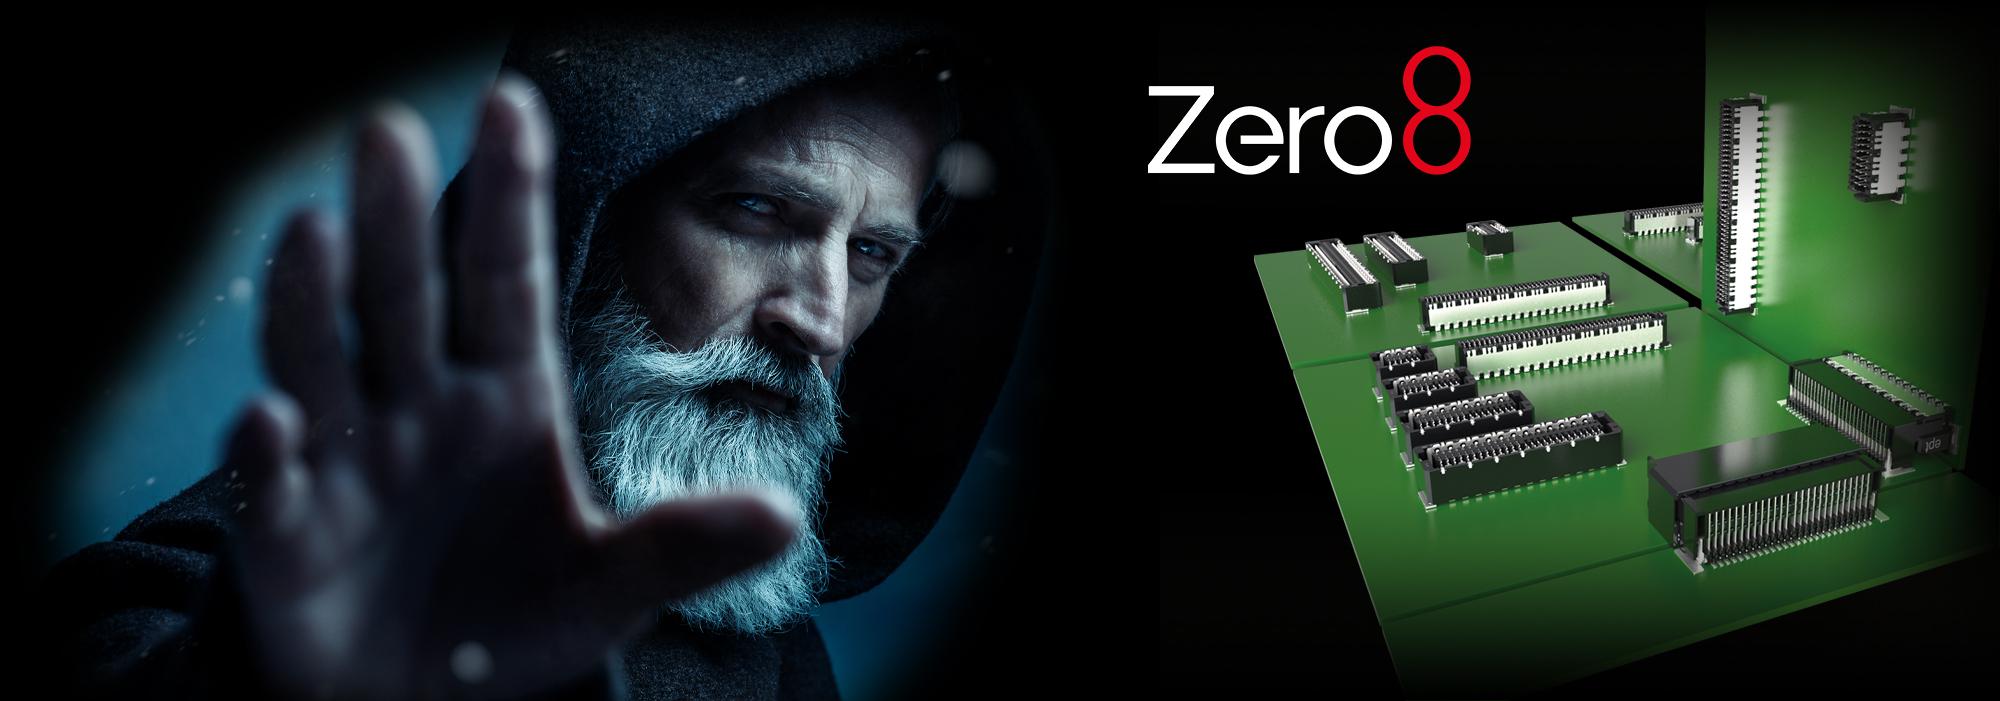 Zero8 Kampagne Bildwechsel 2021